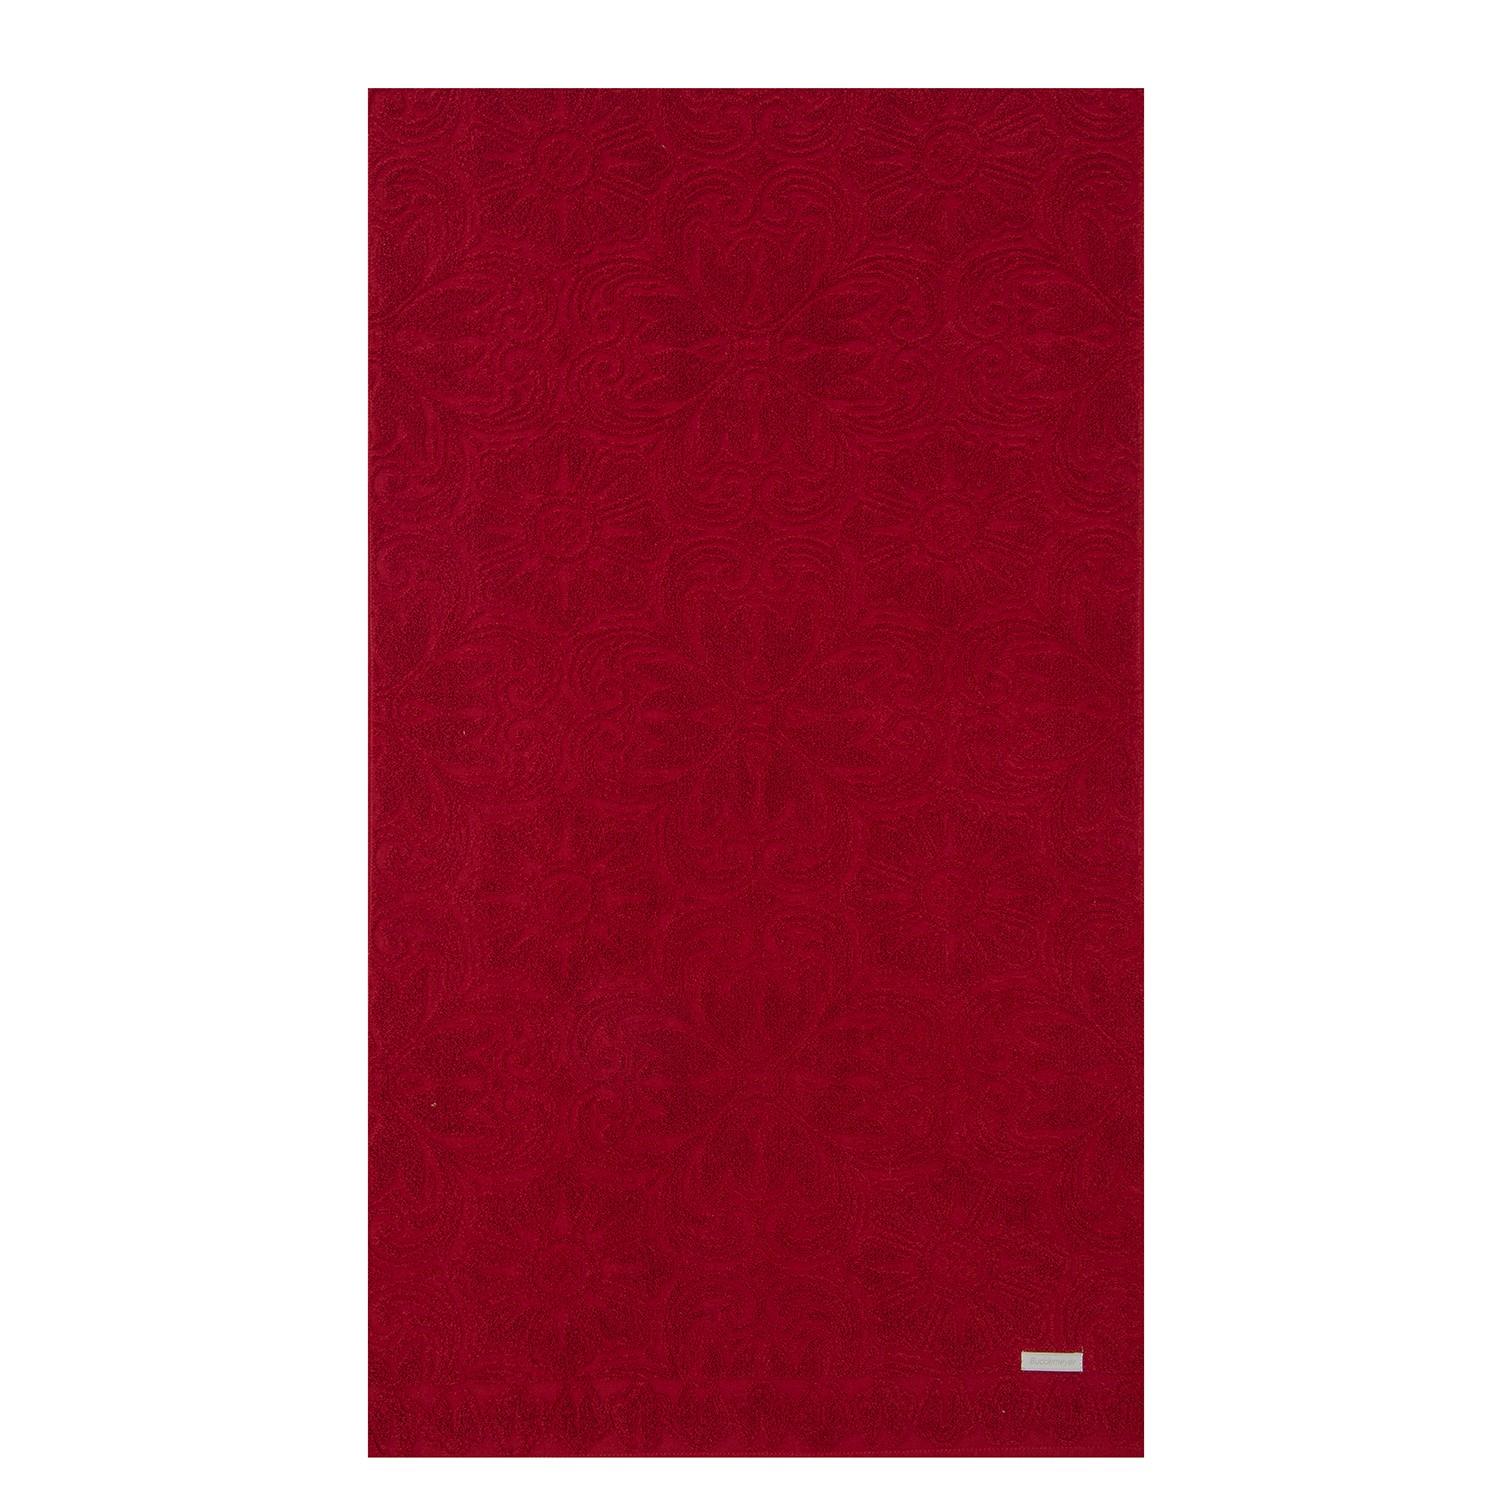 Toalha de Rosto Florentina 100 Algodao 48 x 80 Cm Vermelha - Buddemeyer